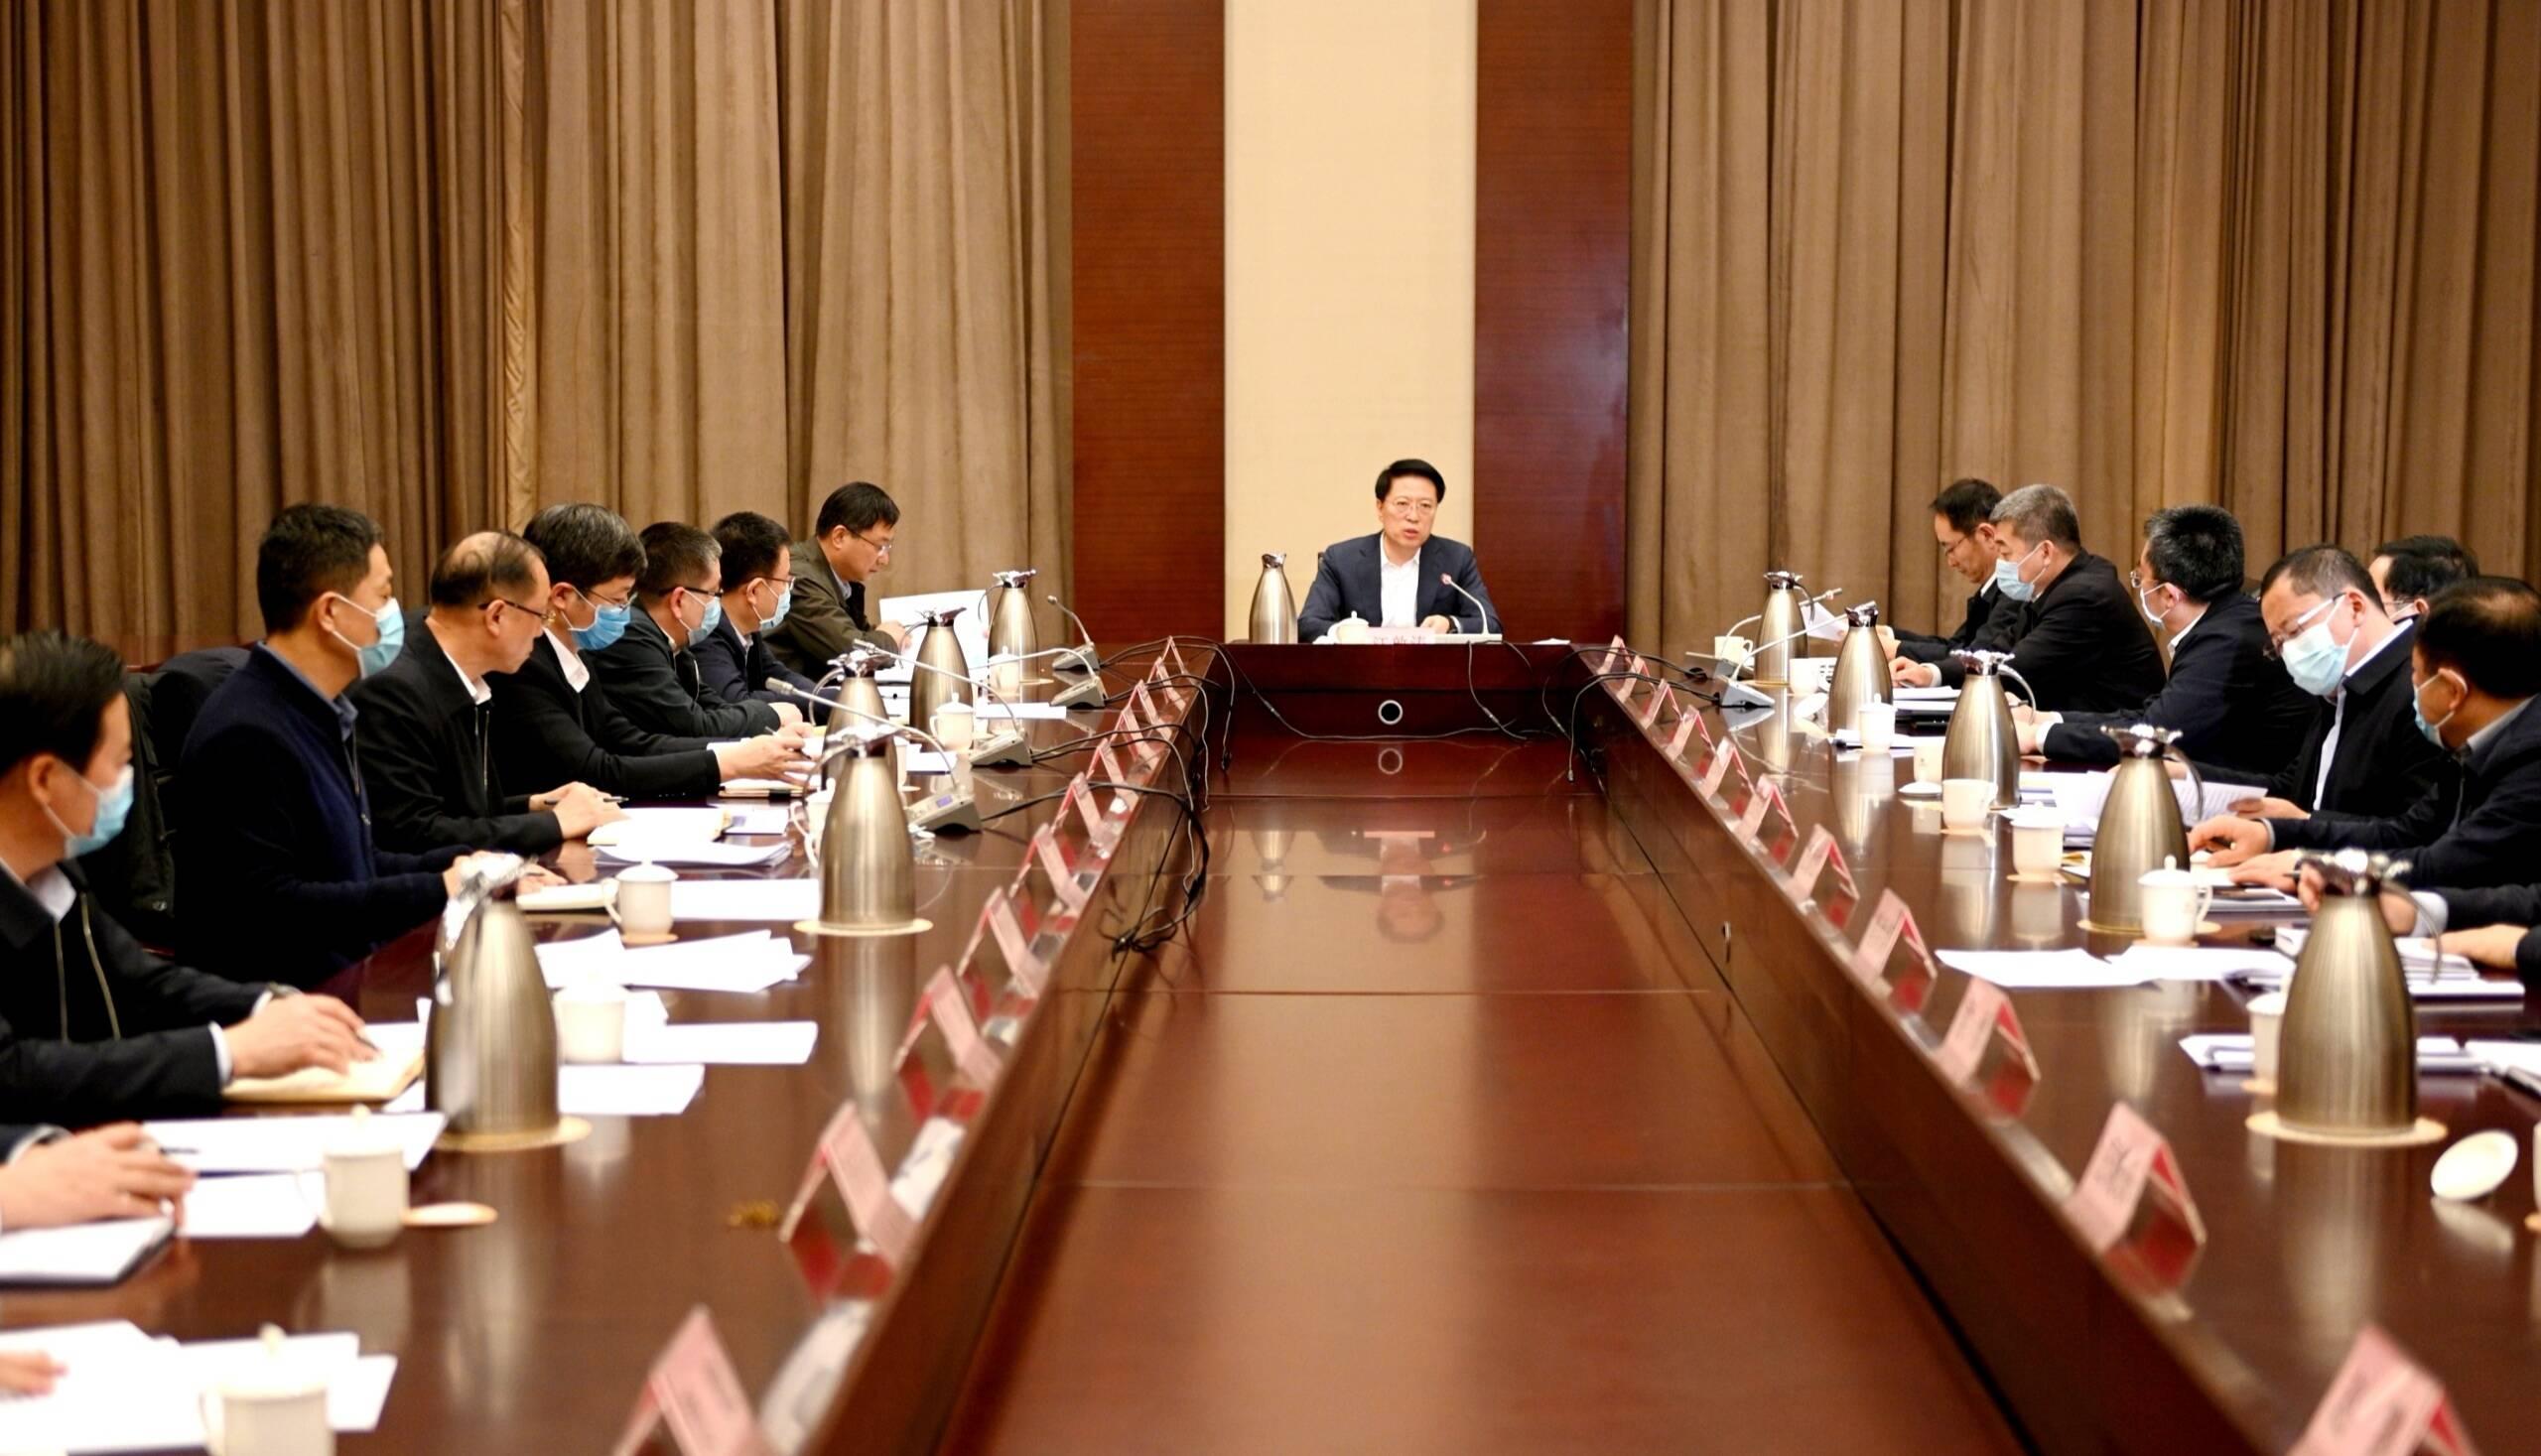 淄博市委财经委员会召开第六次会议